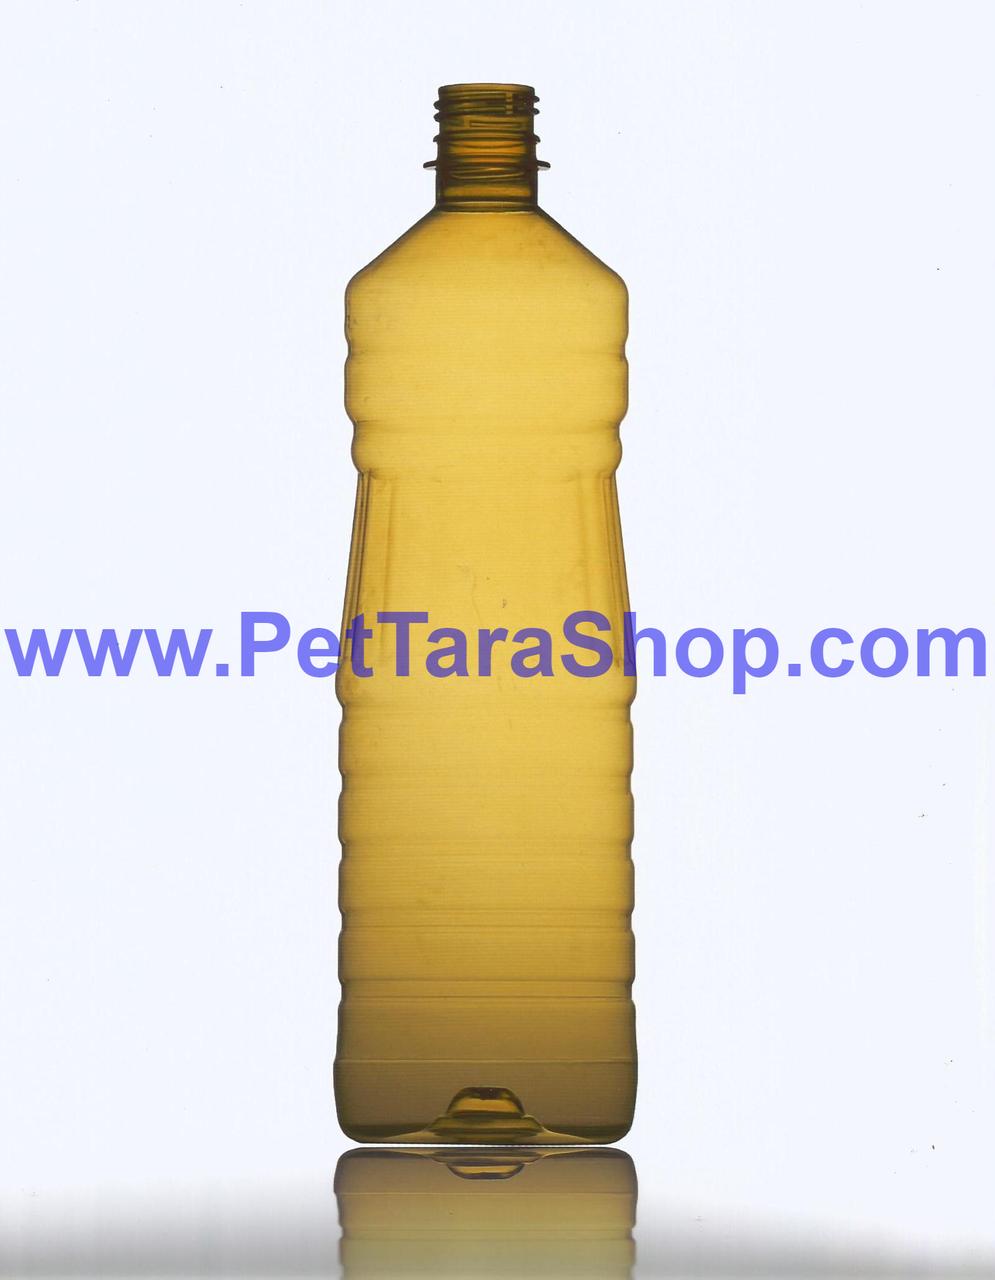 Прозора пластикова Пляшка 1л з кришкою